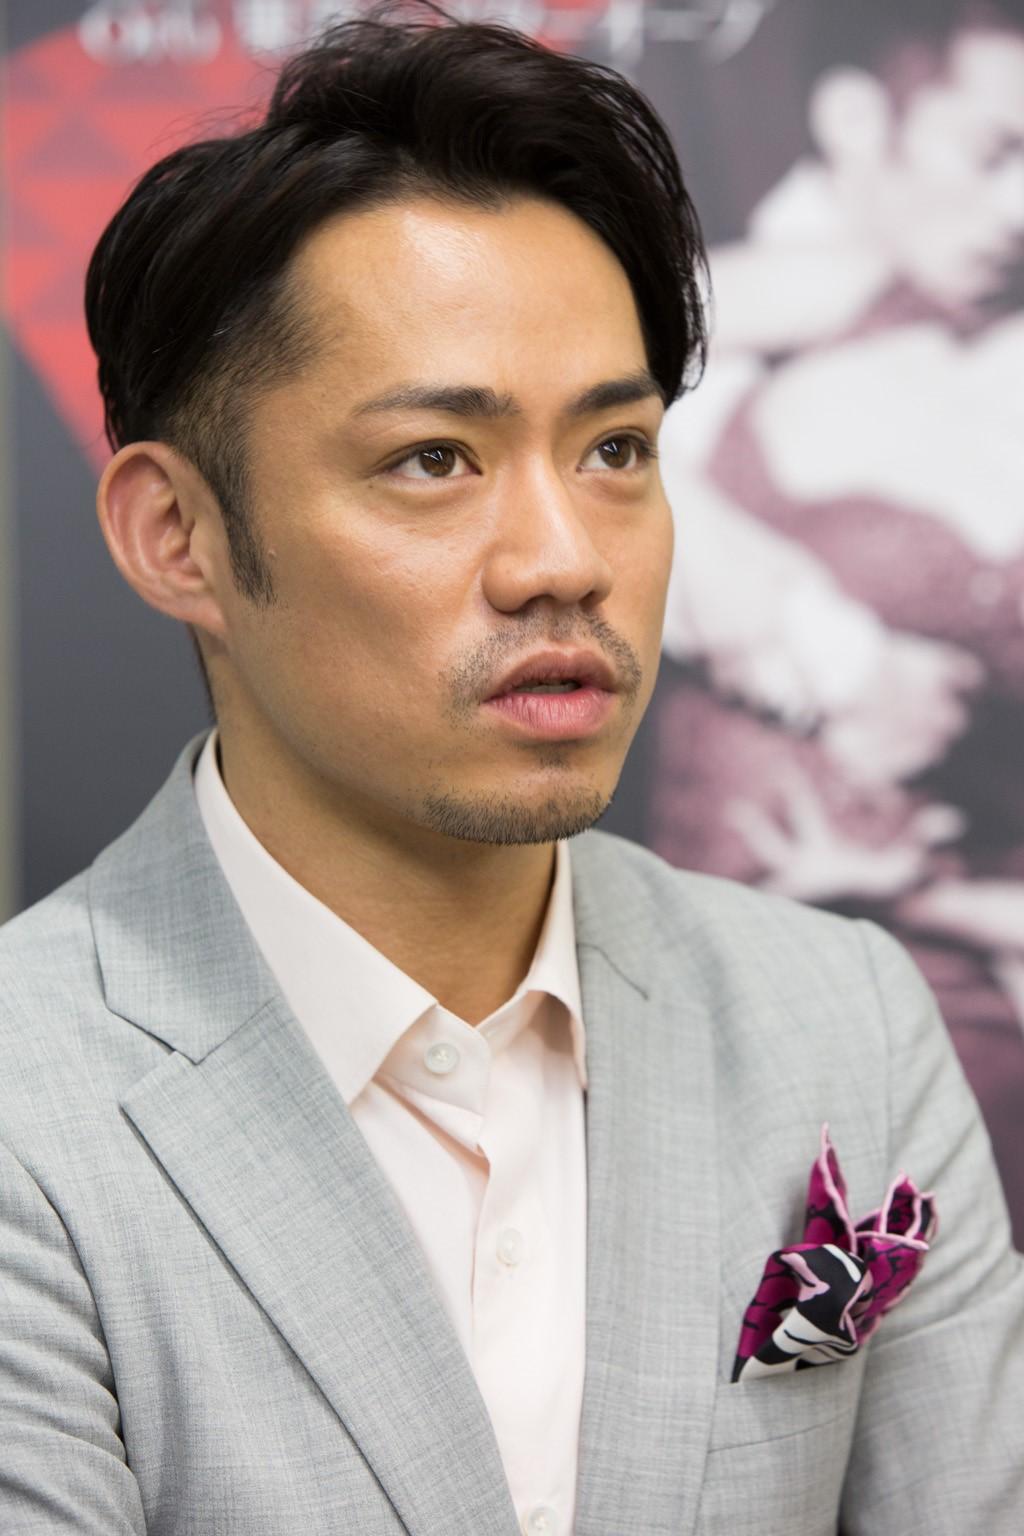 高橋さんオフィシャル写真